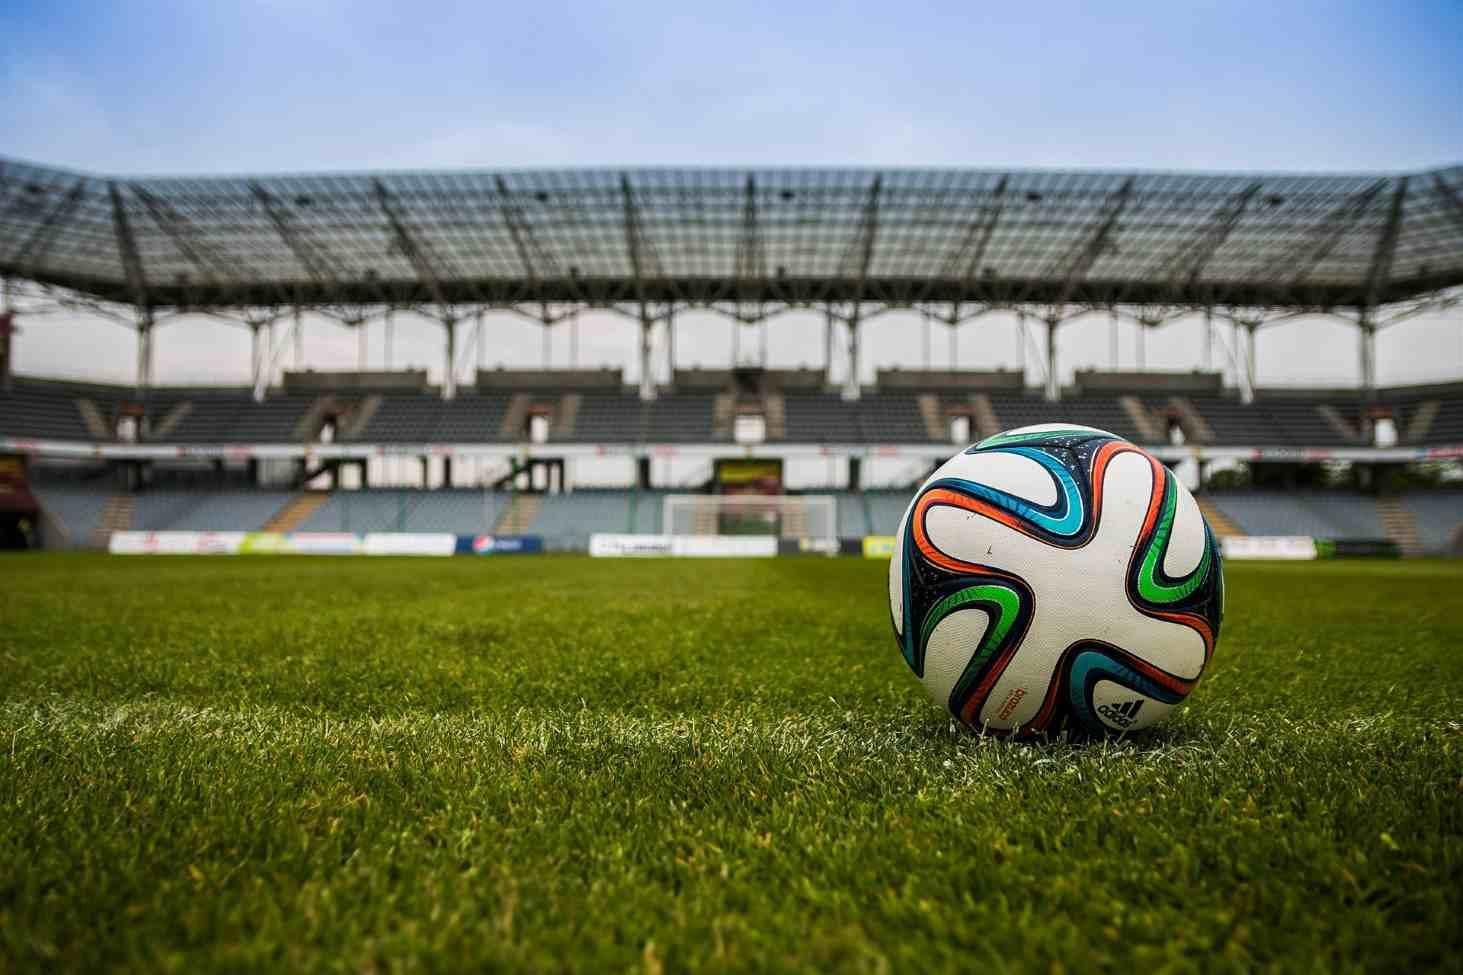 С 2021 года в российских школах будут проходить уроки футбола